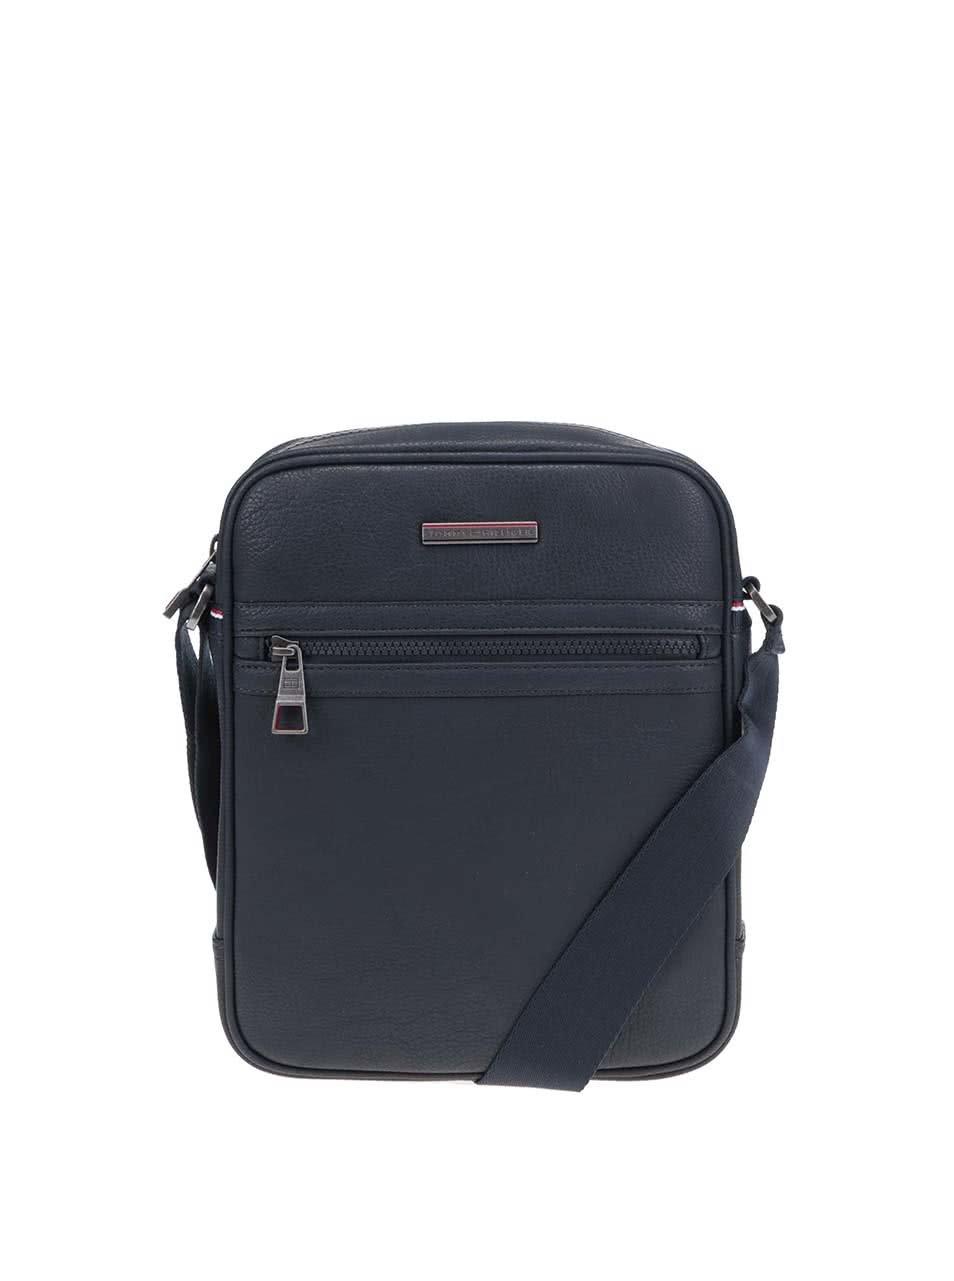 Tmavomodrá pánska taška cez rameno Tommy Hilfiger Essential Reporter ... 2cd3a3082c